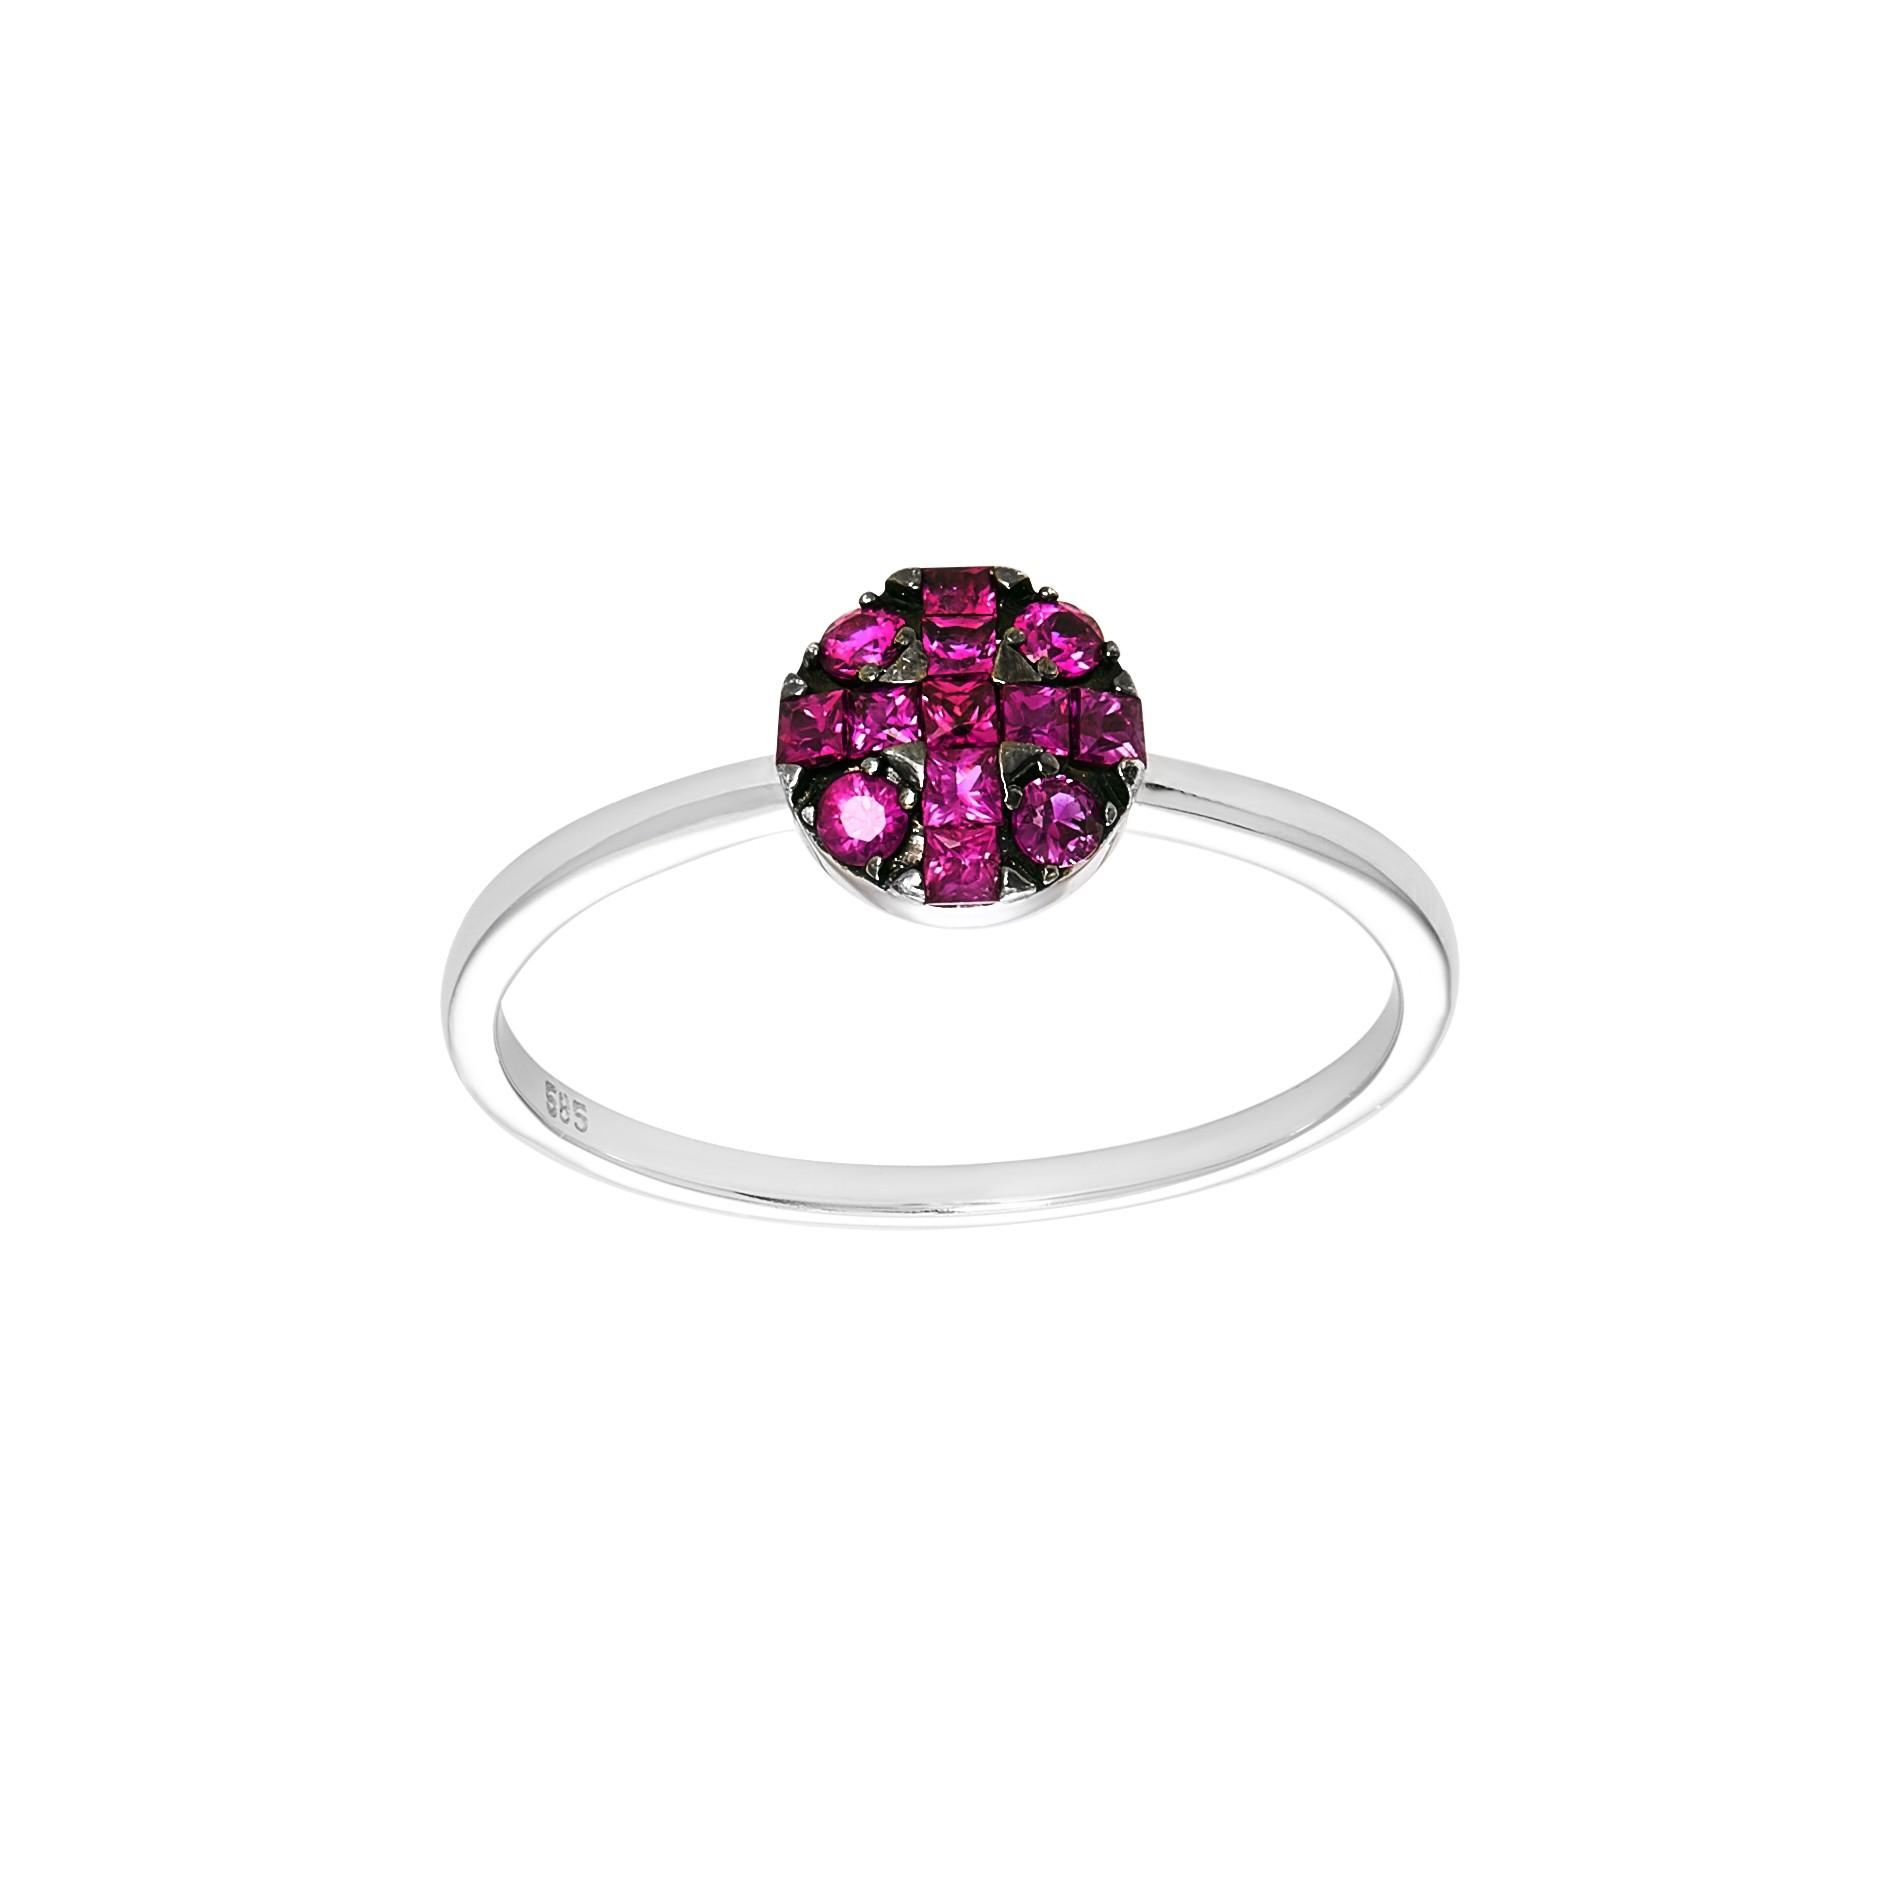 Ladies Round Cut Ruby Fashion Ring / 14 Kt W